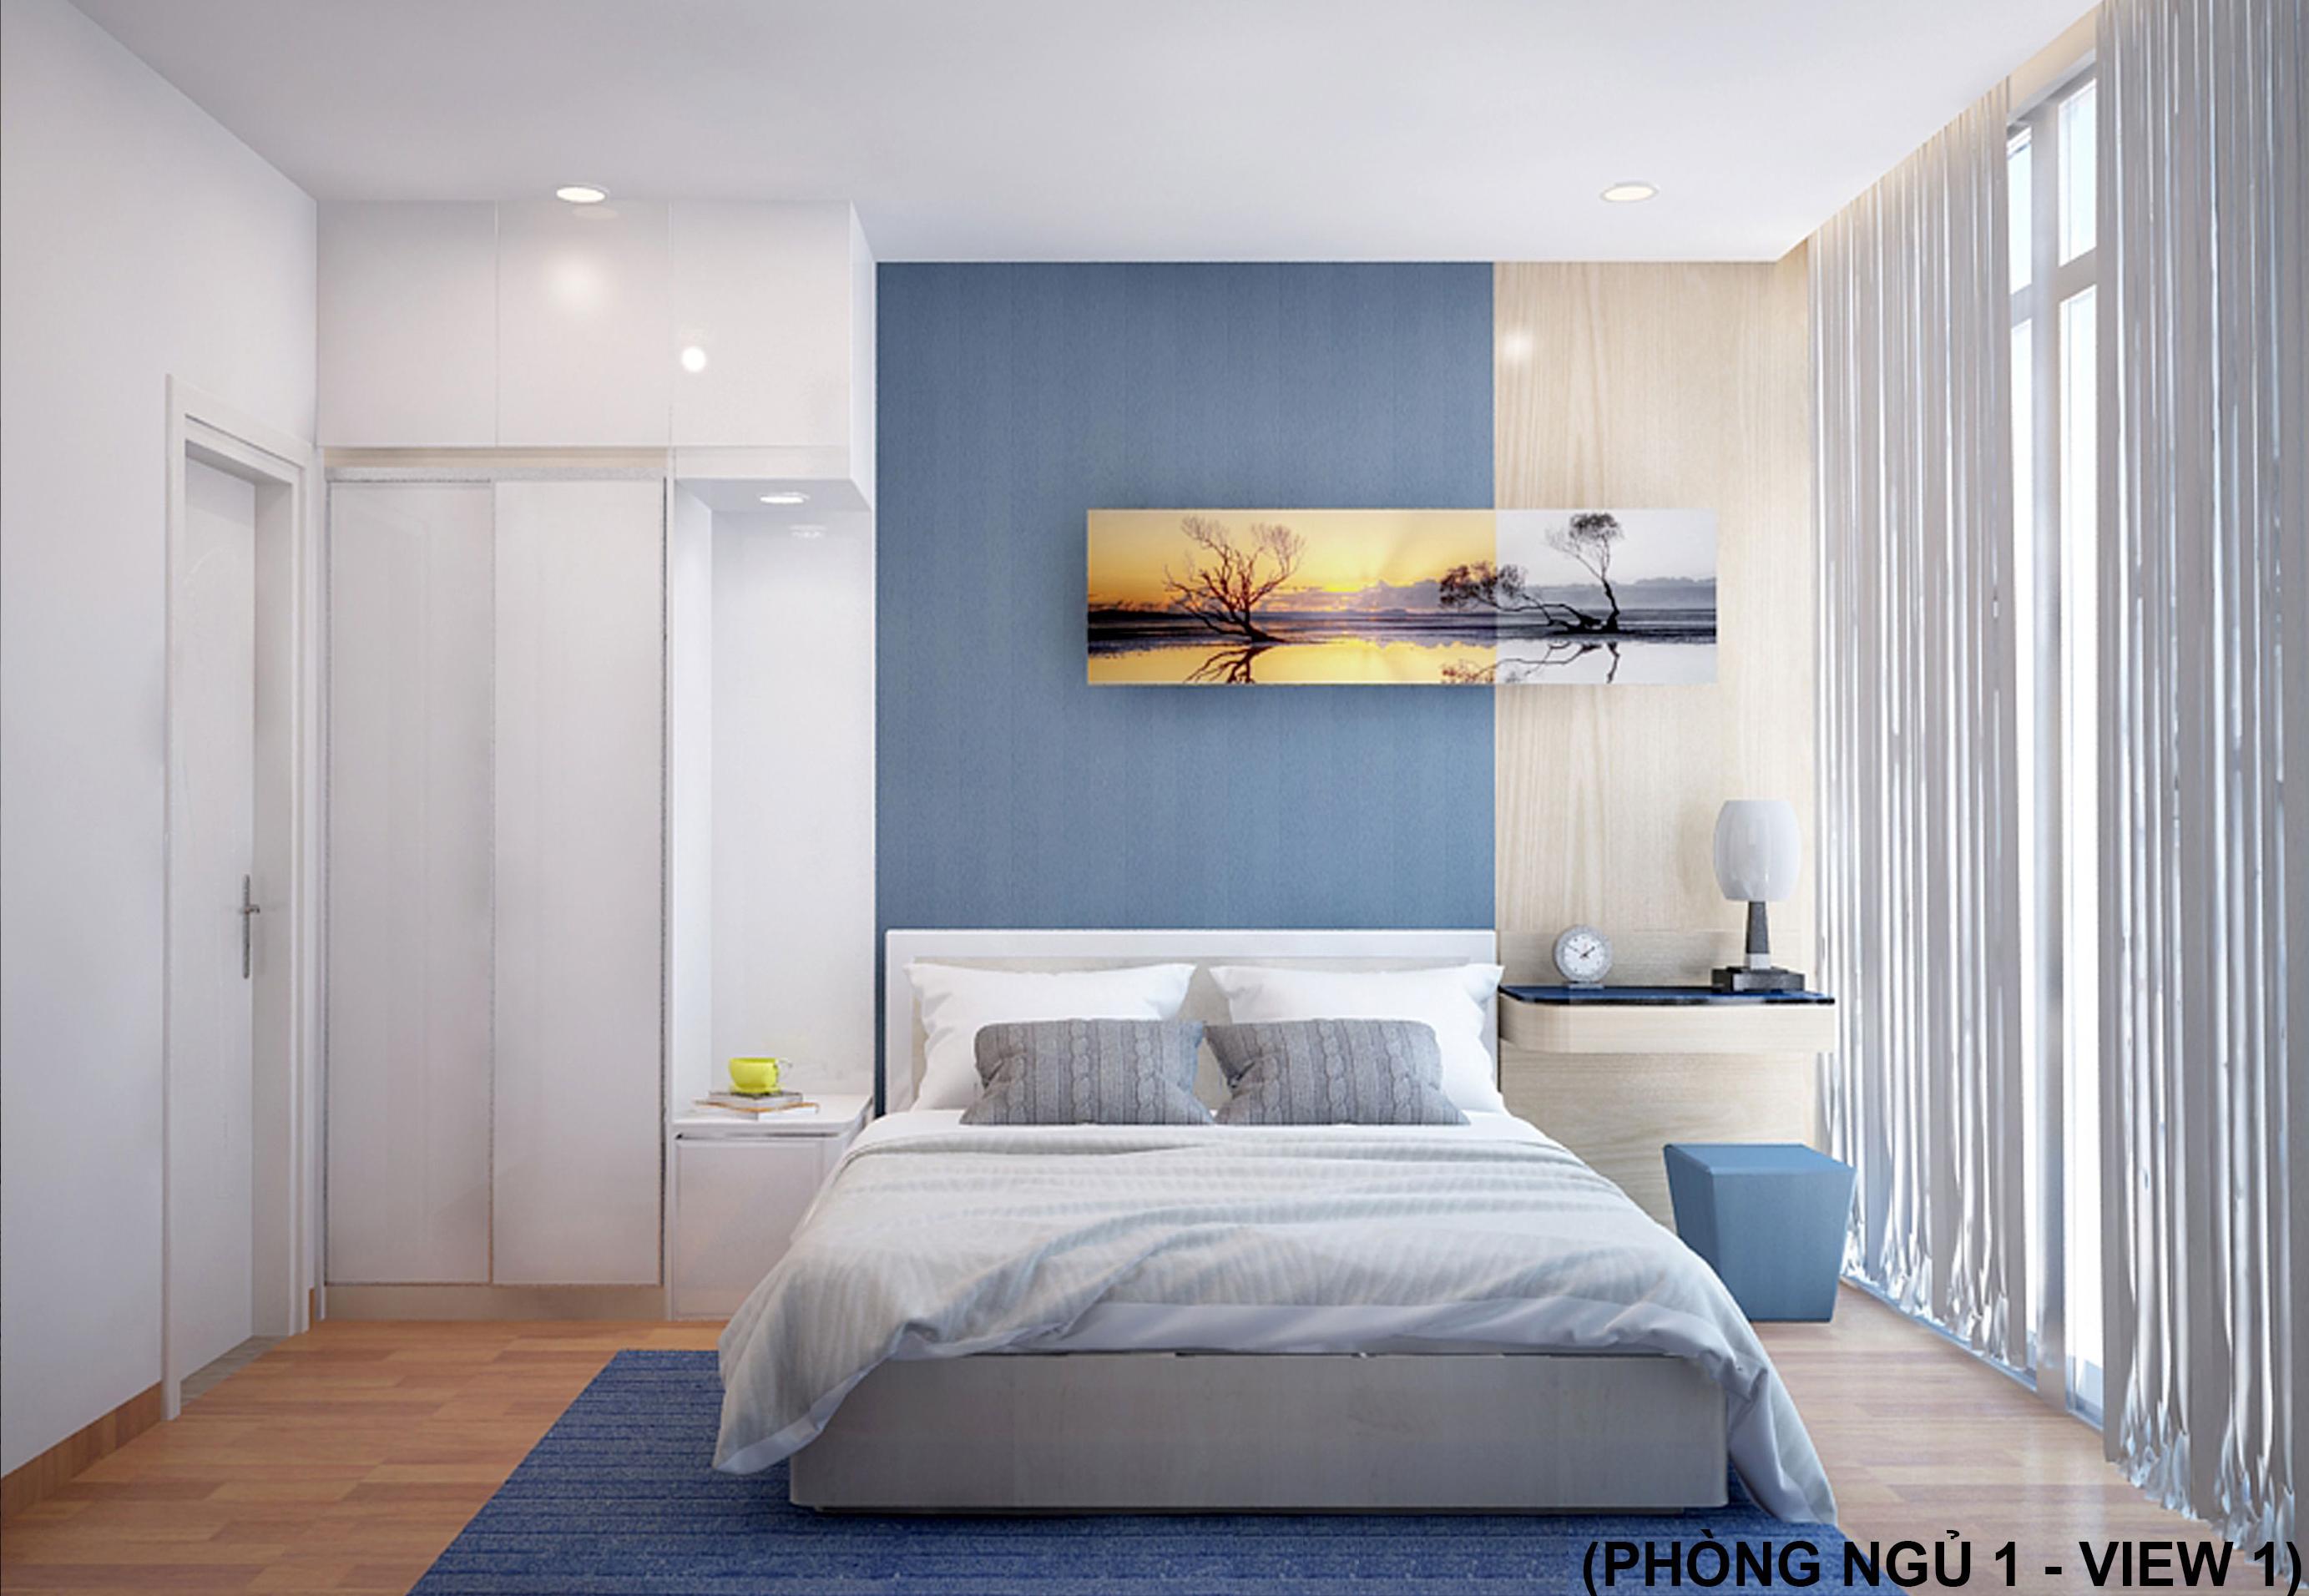 Mua căn hộ cao cấp tại Đà Nẵng - Nhận nhà cho thuê lại được ngay